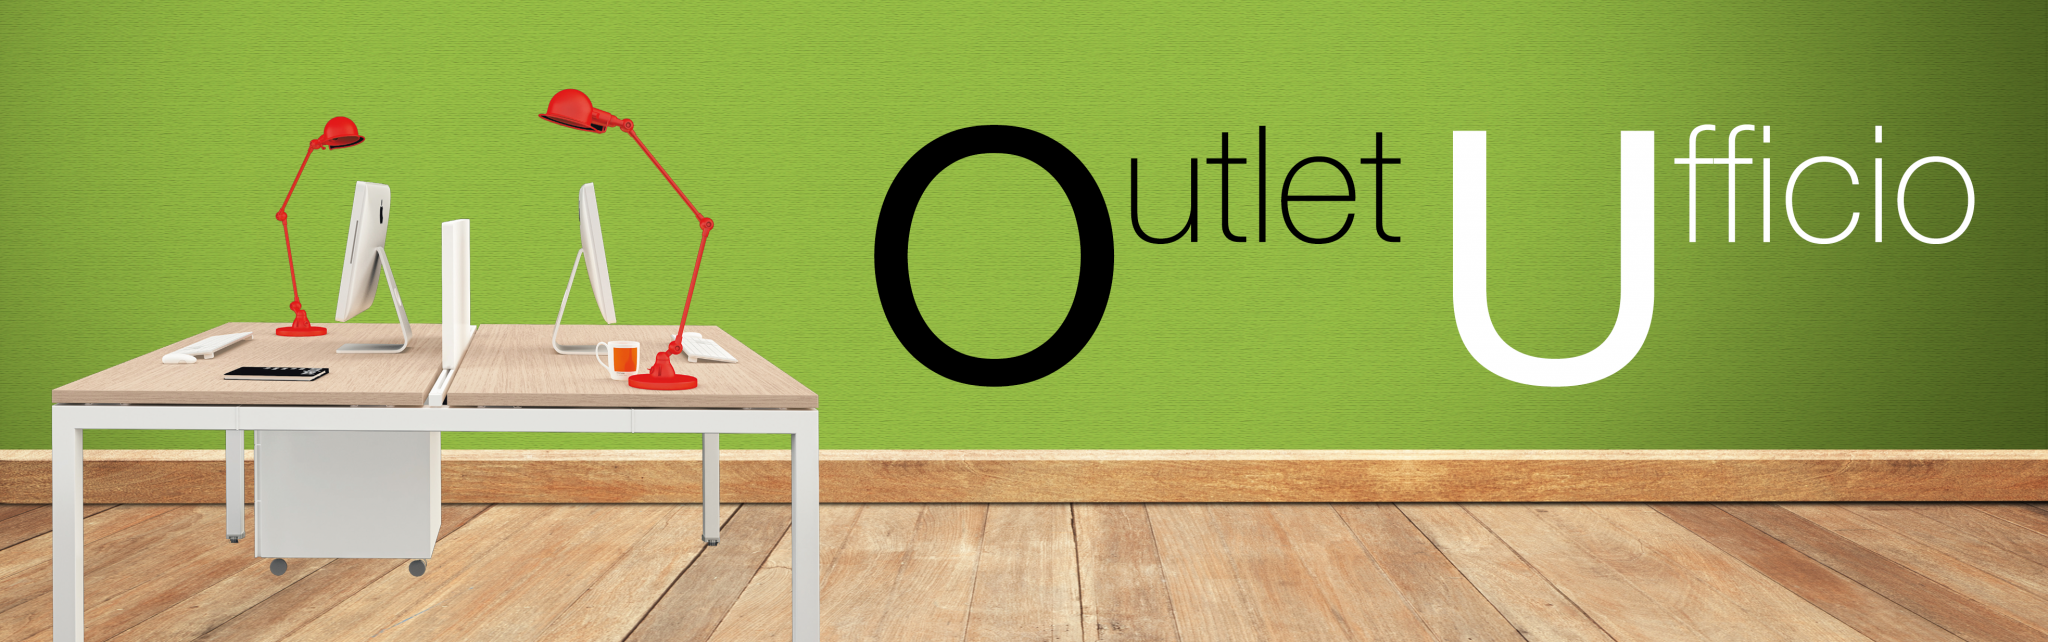 Outlet mobili ufficio - Salone Ufficio